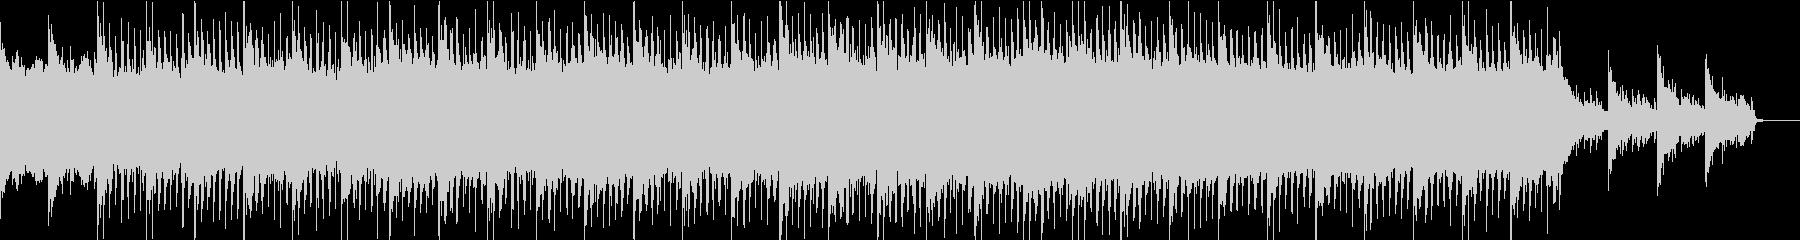 琴と尺八のエレクトロの未再生の波形